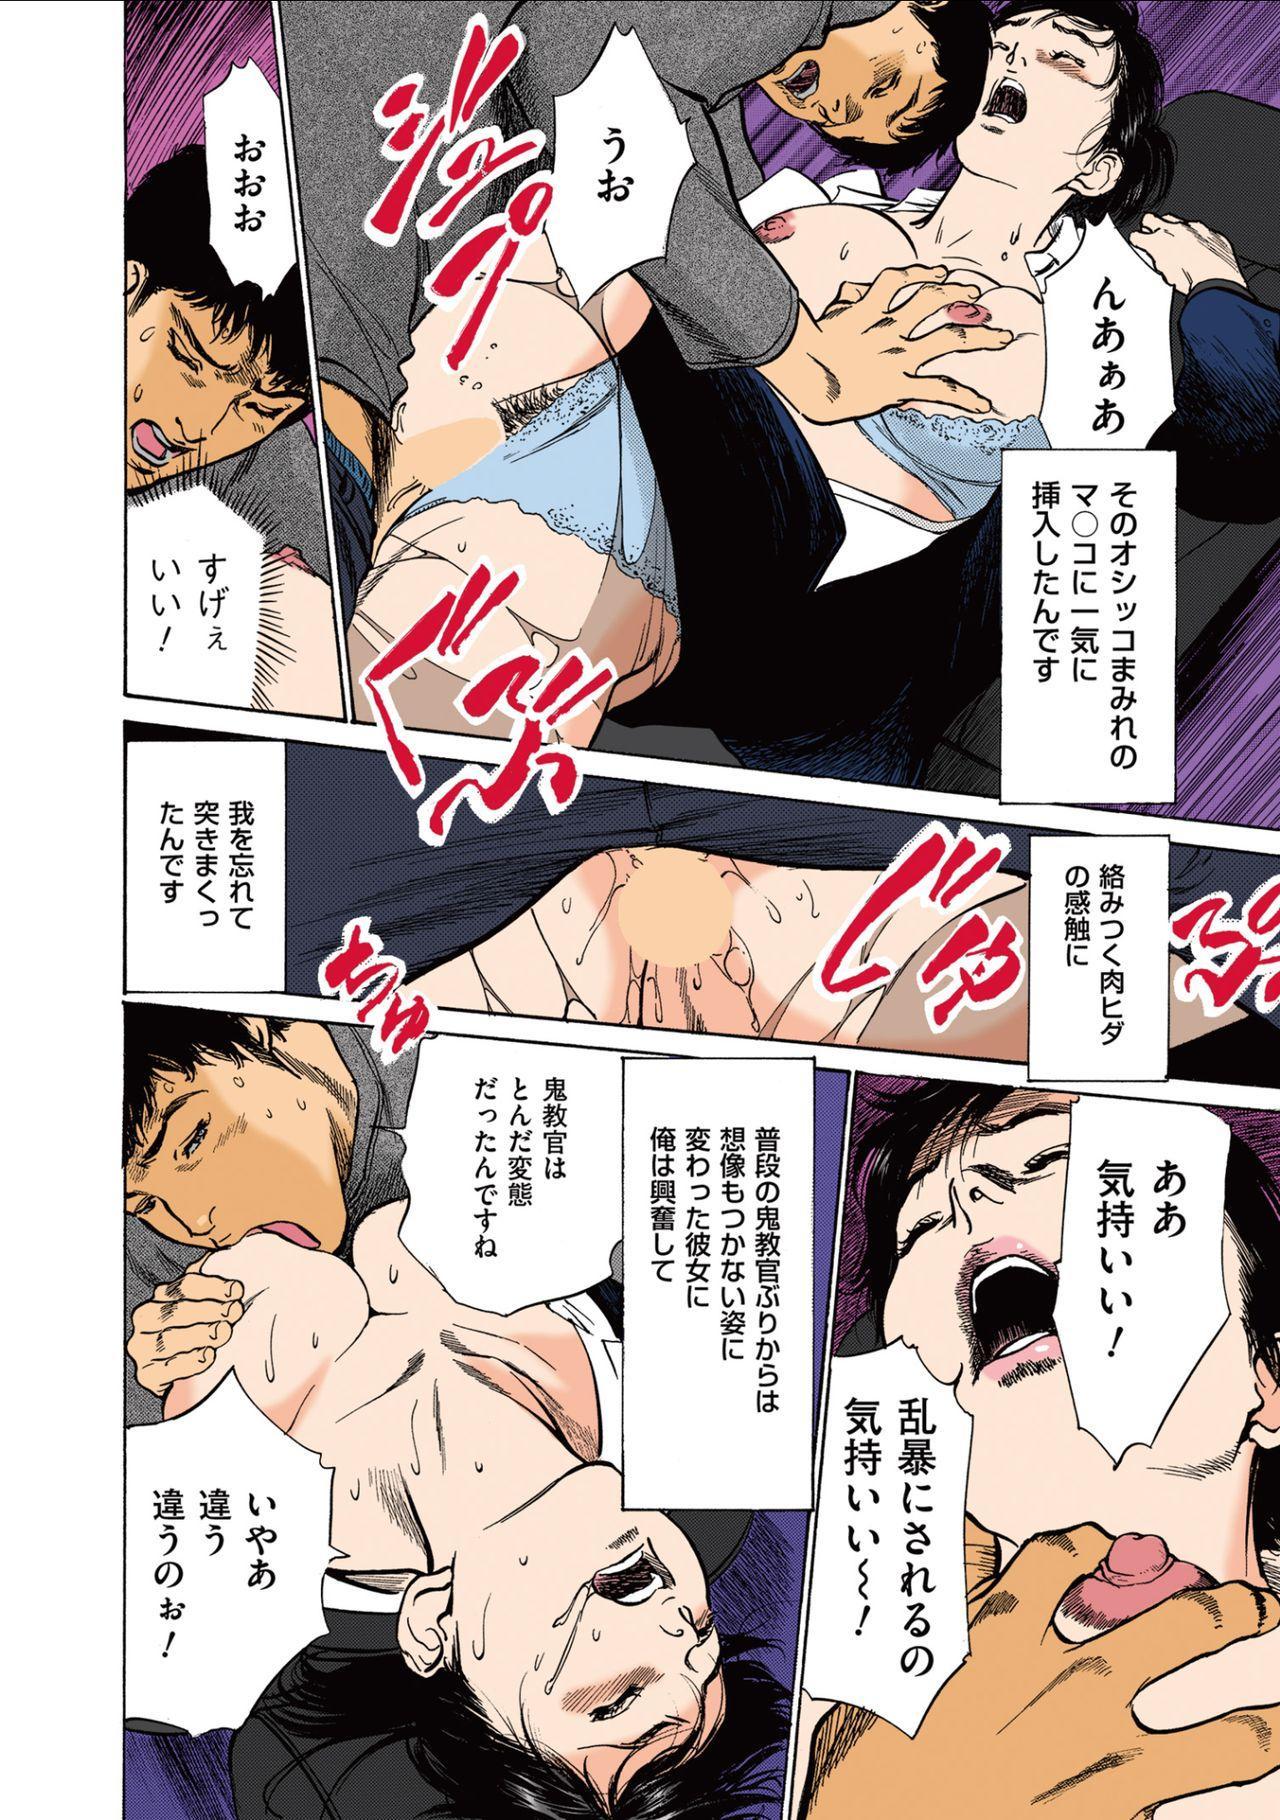 [Hazuki Kaoru] Hazuki Kaoru no Tamaranai Hanashi (Full Color Version) 1-2 17